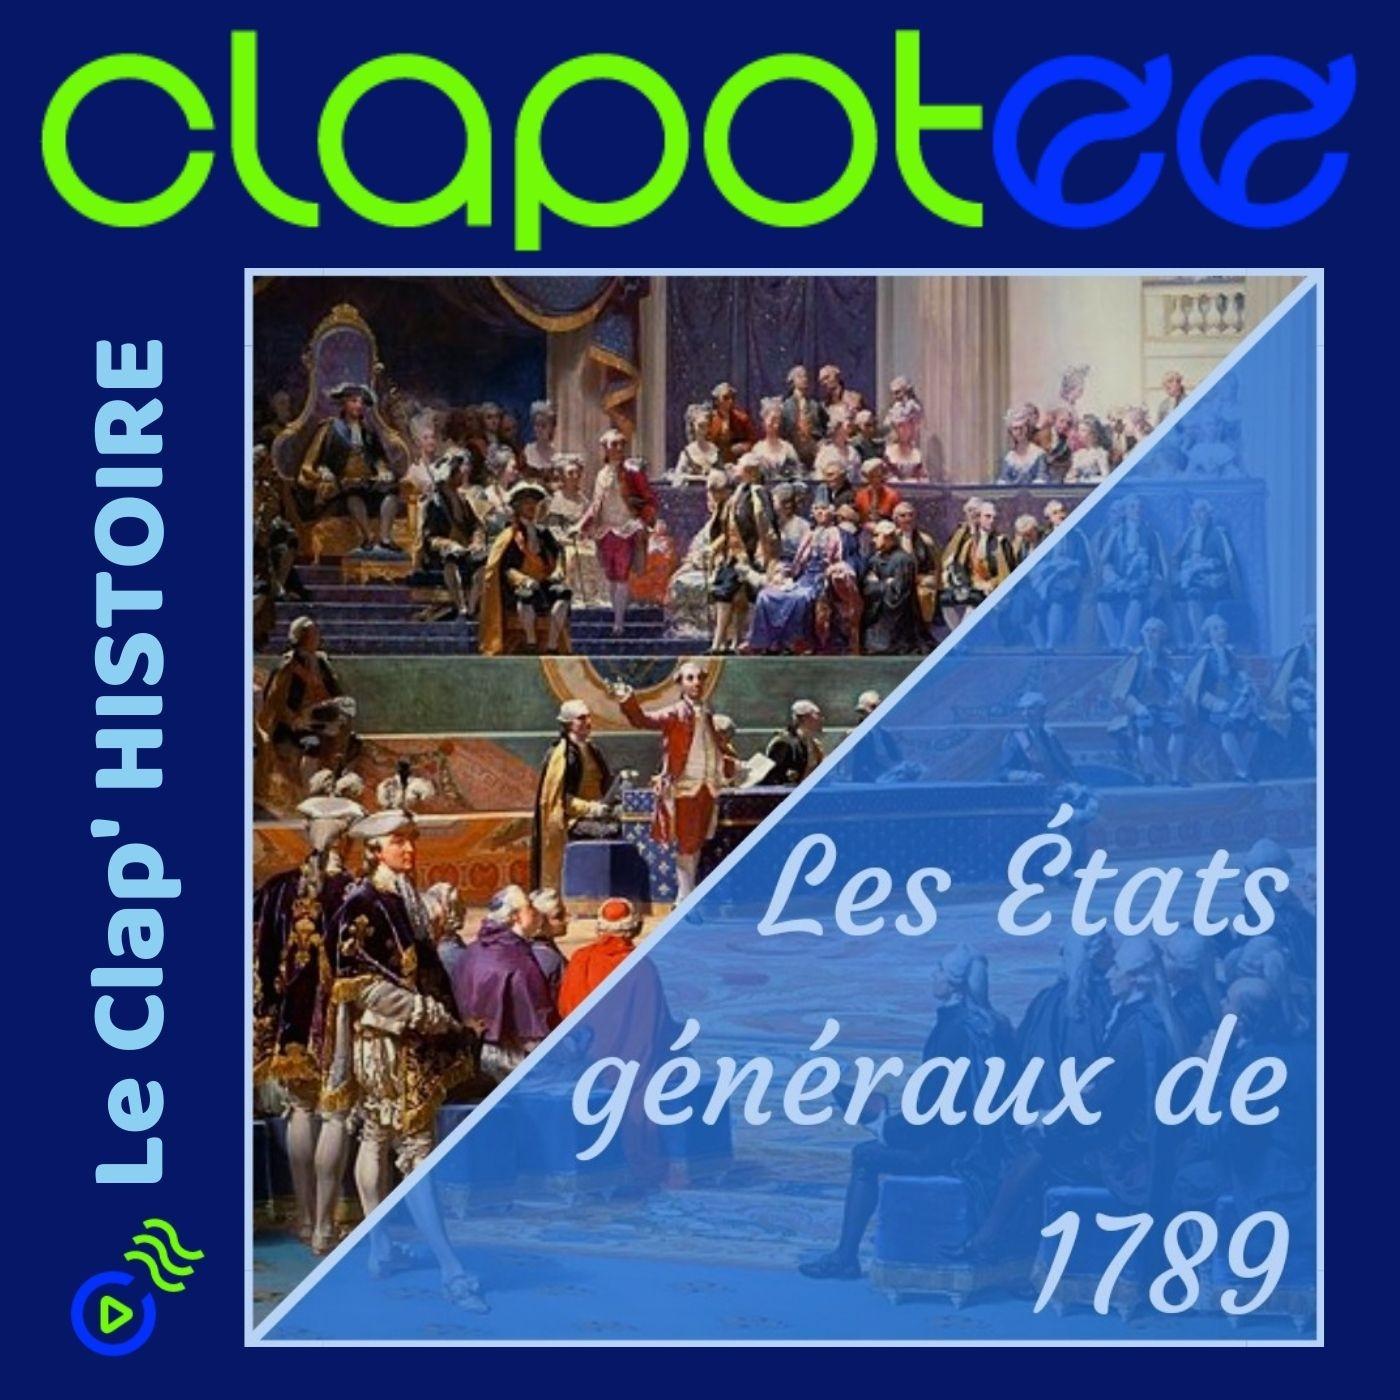 Episode 4 : Les Etats généraux de 1789